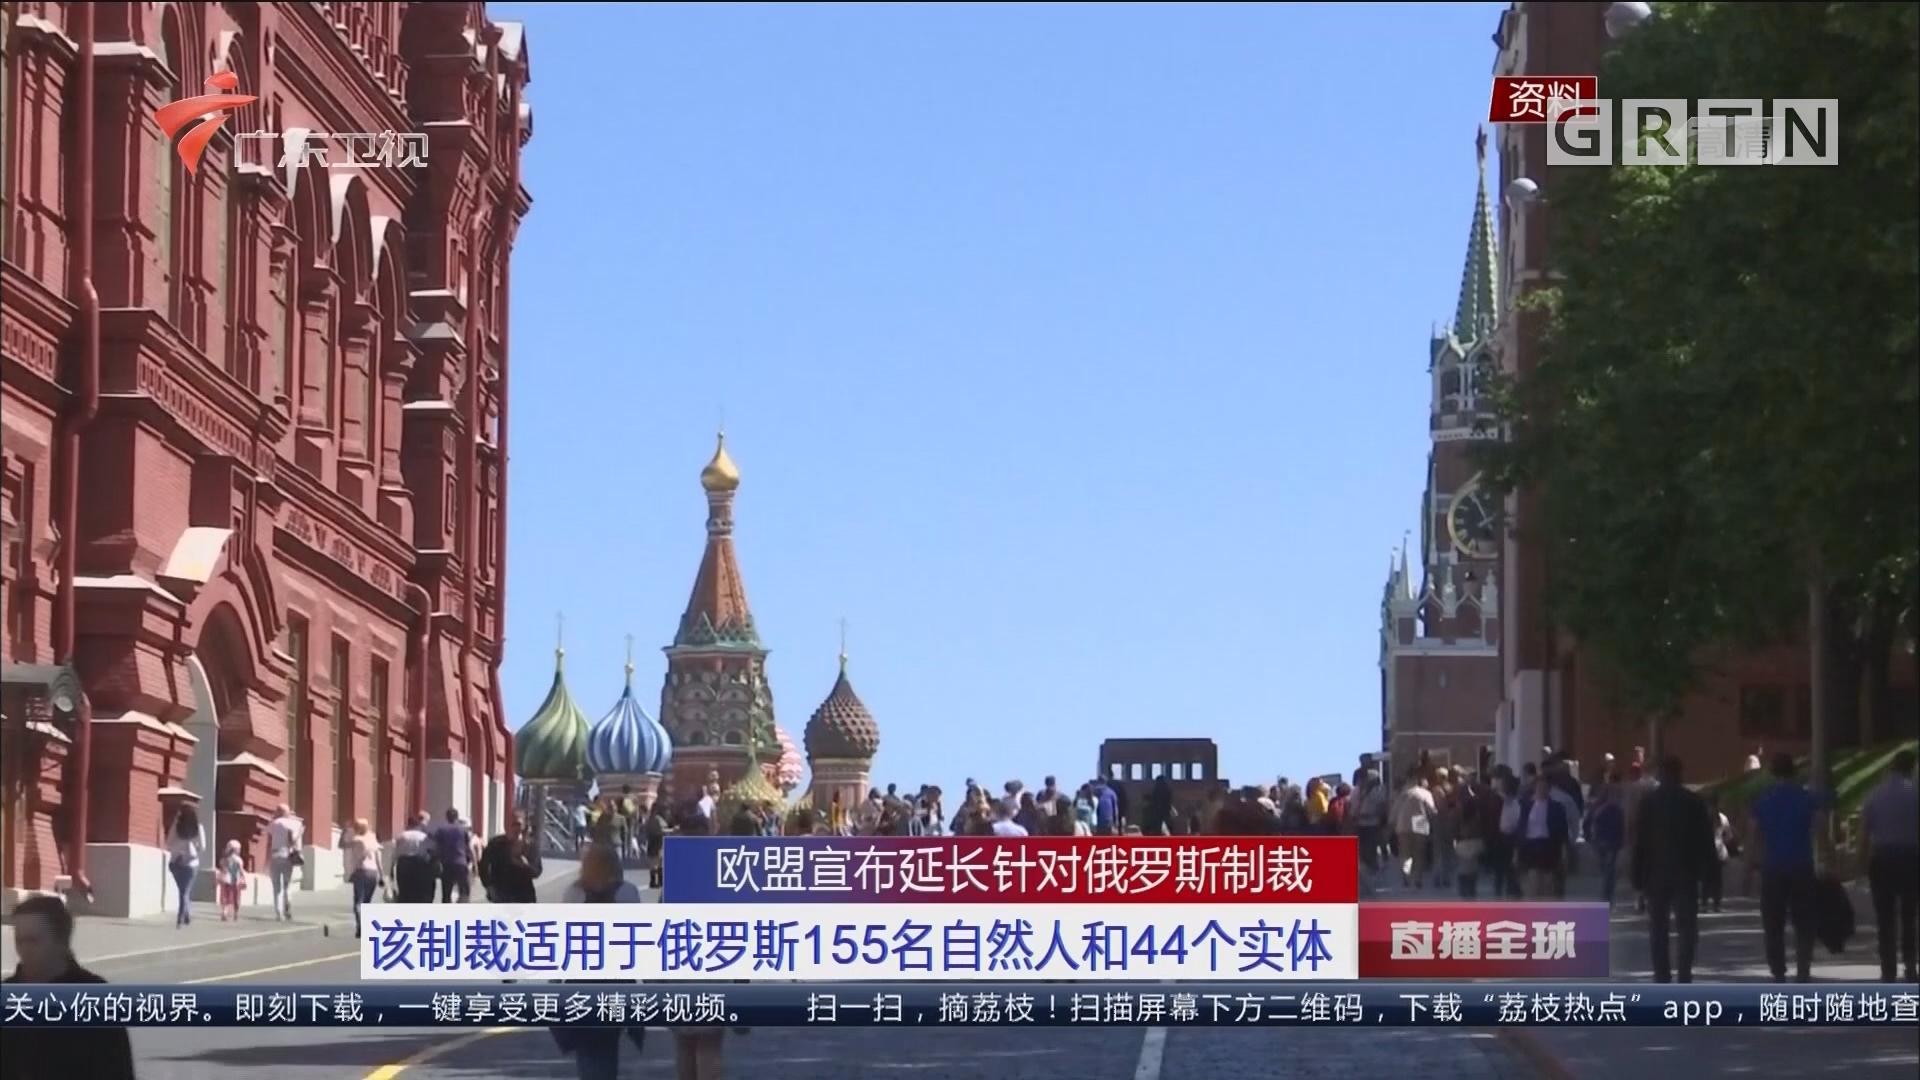 欧盟宣布延长针对俄罗斯制裁:该制裁适用于俄罗斯155名自然人和44个实体